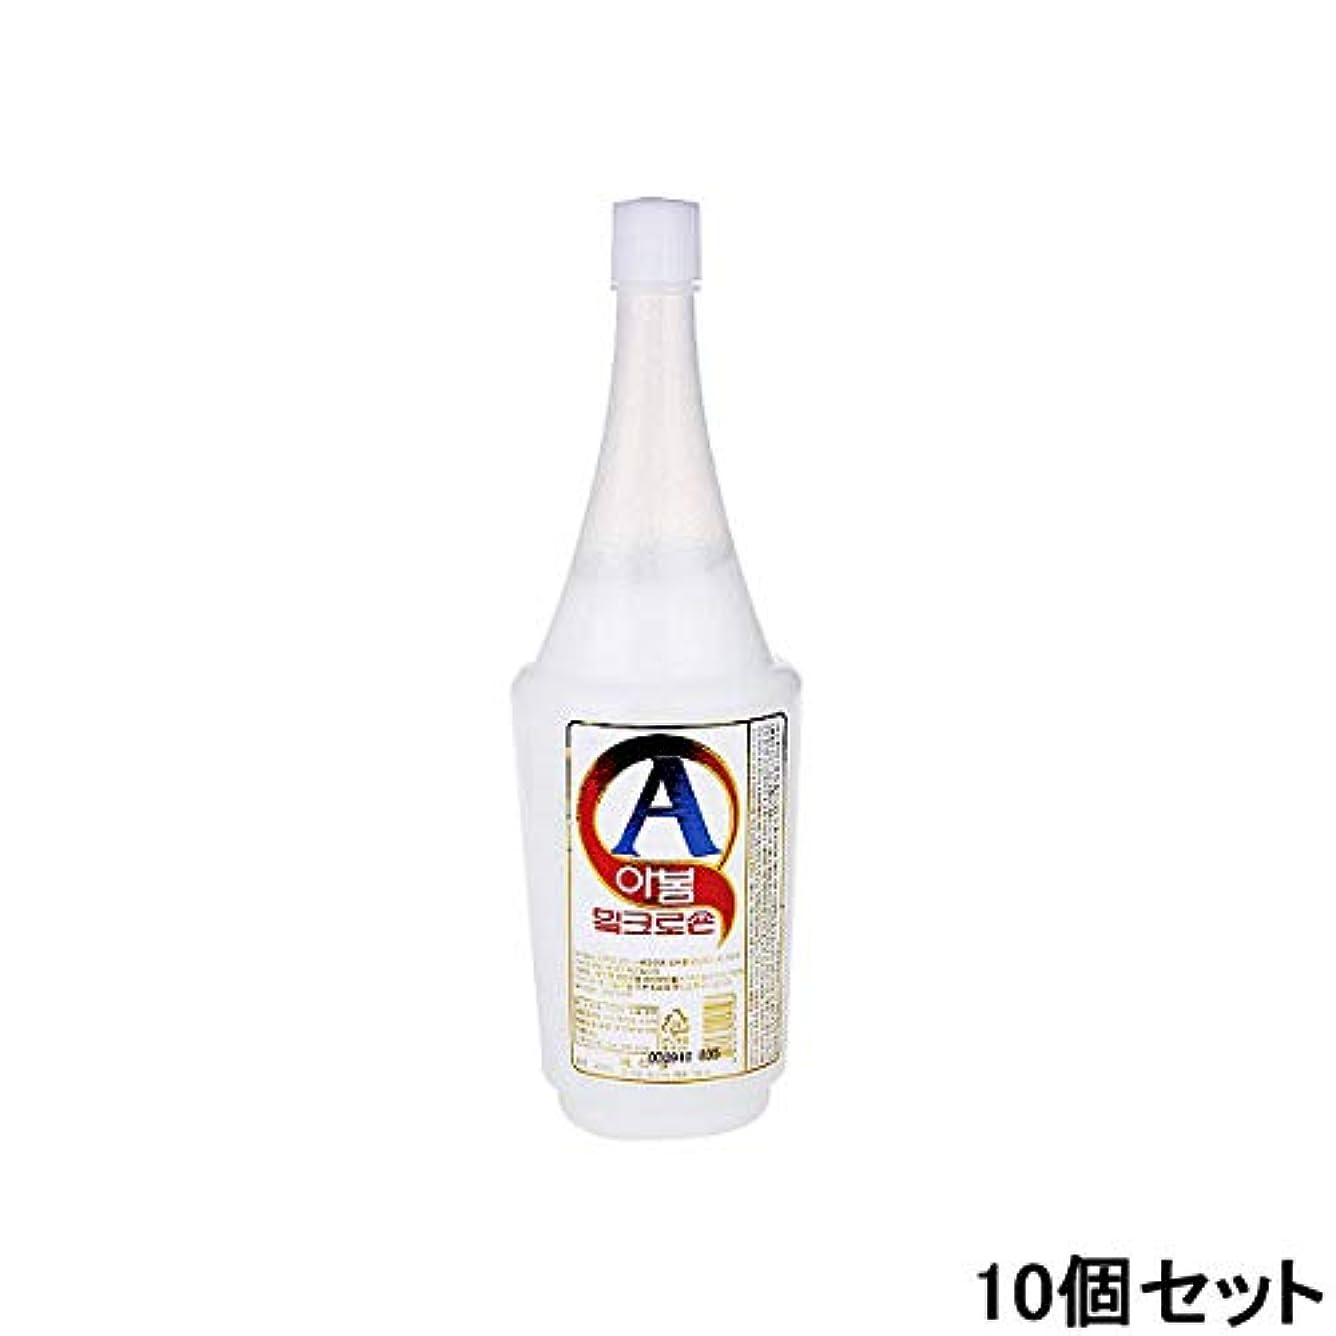 現れる中間溝< アボム > ミルクローション 450ml (10個セット) [ マッサージジェル マッサージローション 乳液 エマルジョン ボディマッサージ 業務用 ]